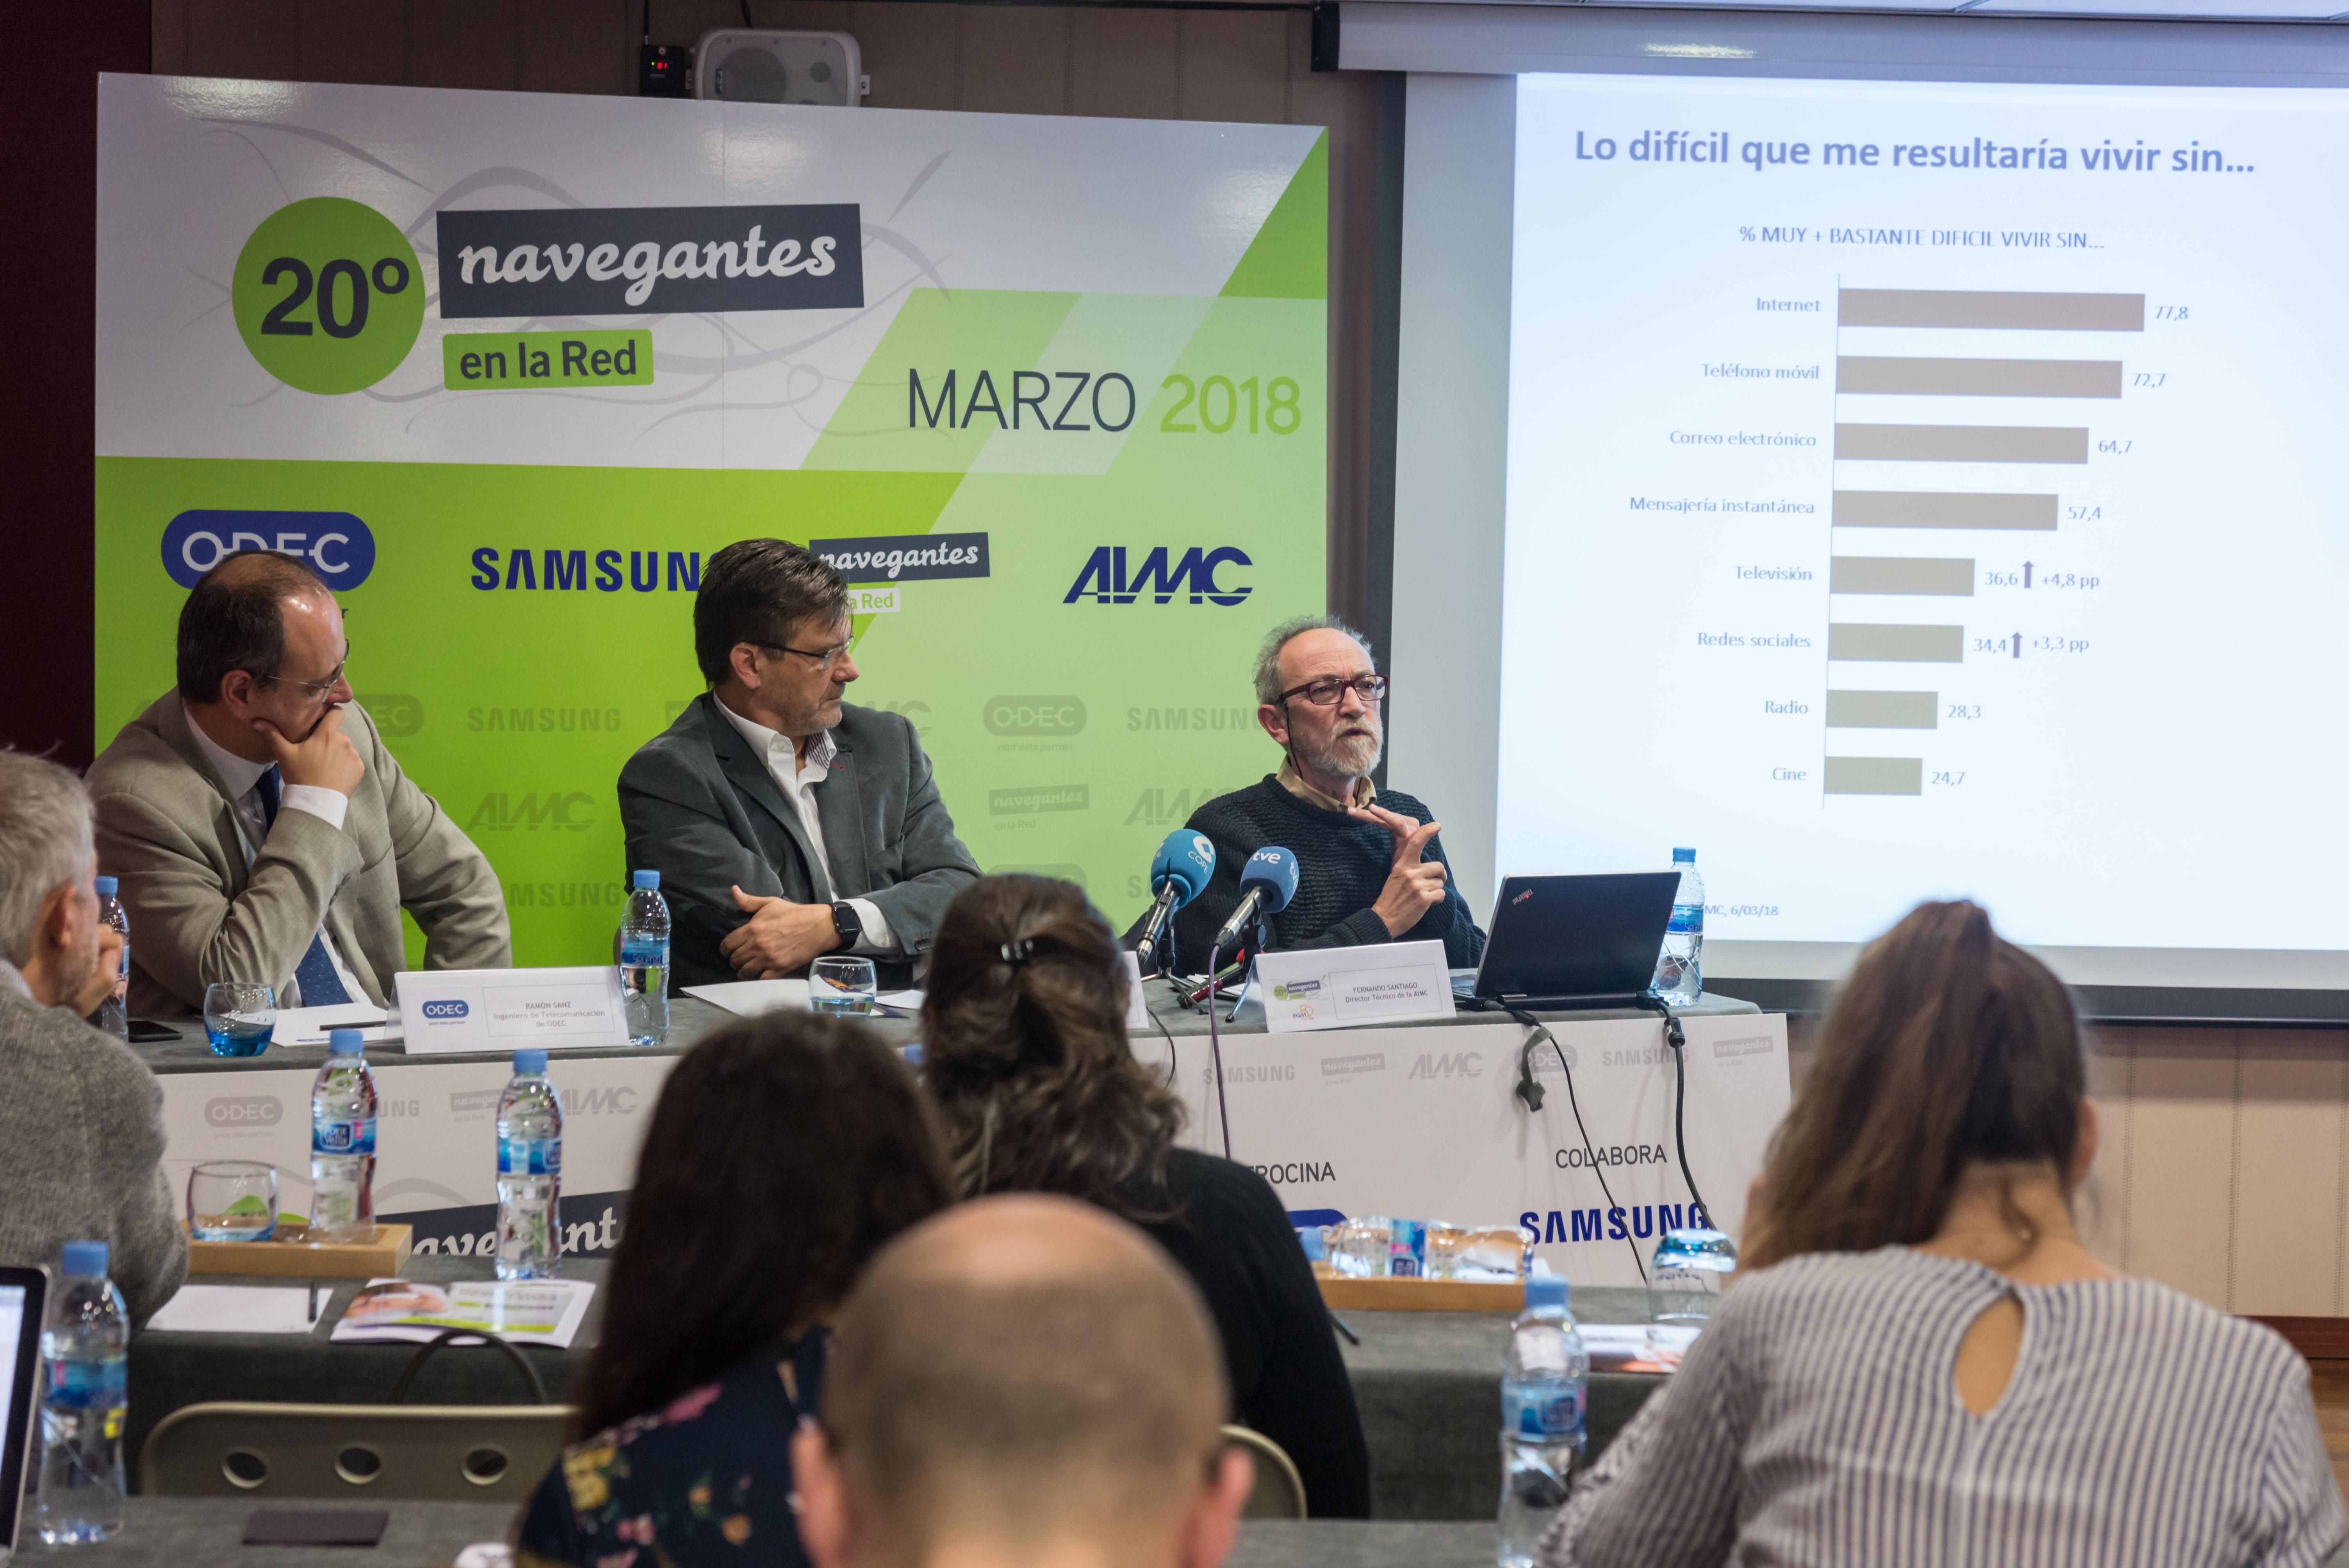 El internauta español tiene un alto grado de confianzaen la compra online